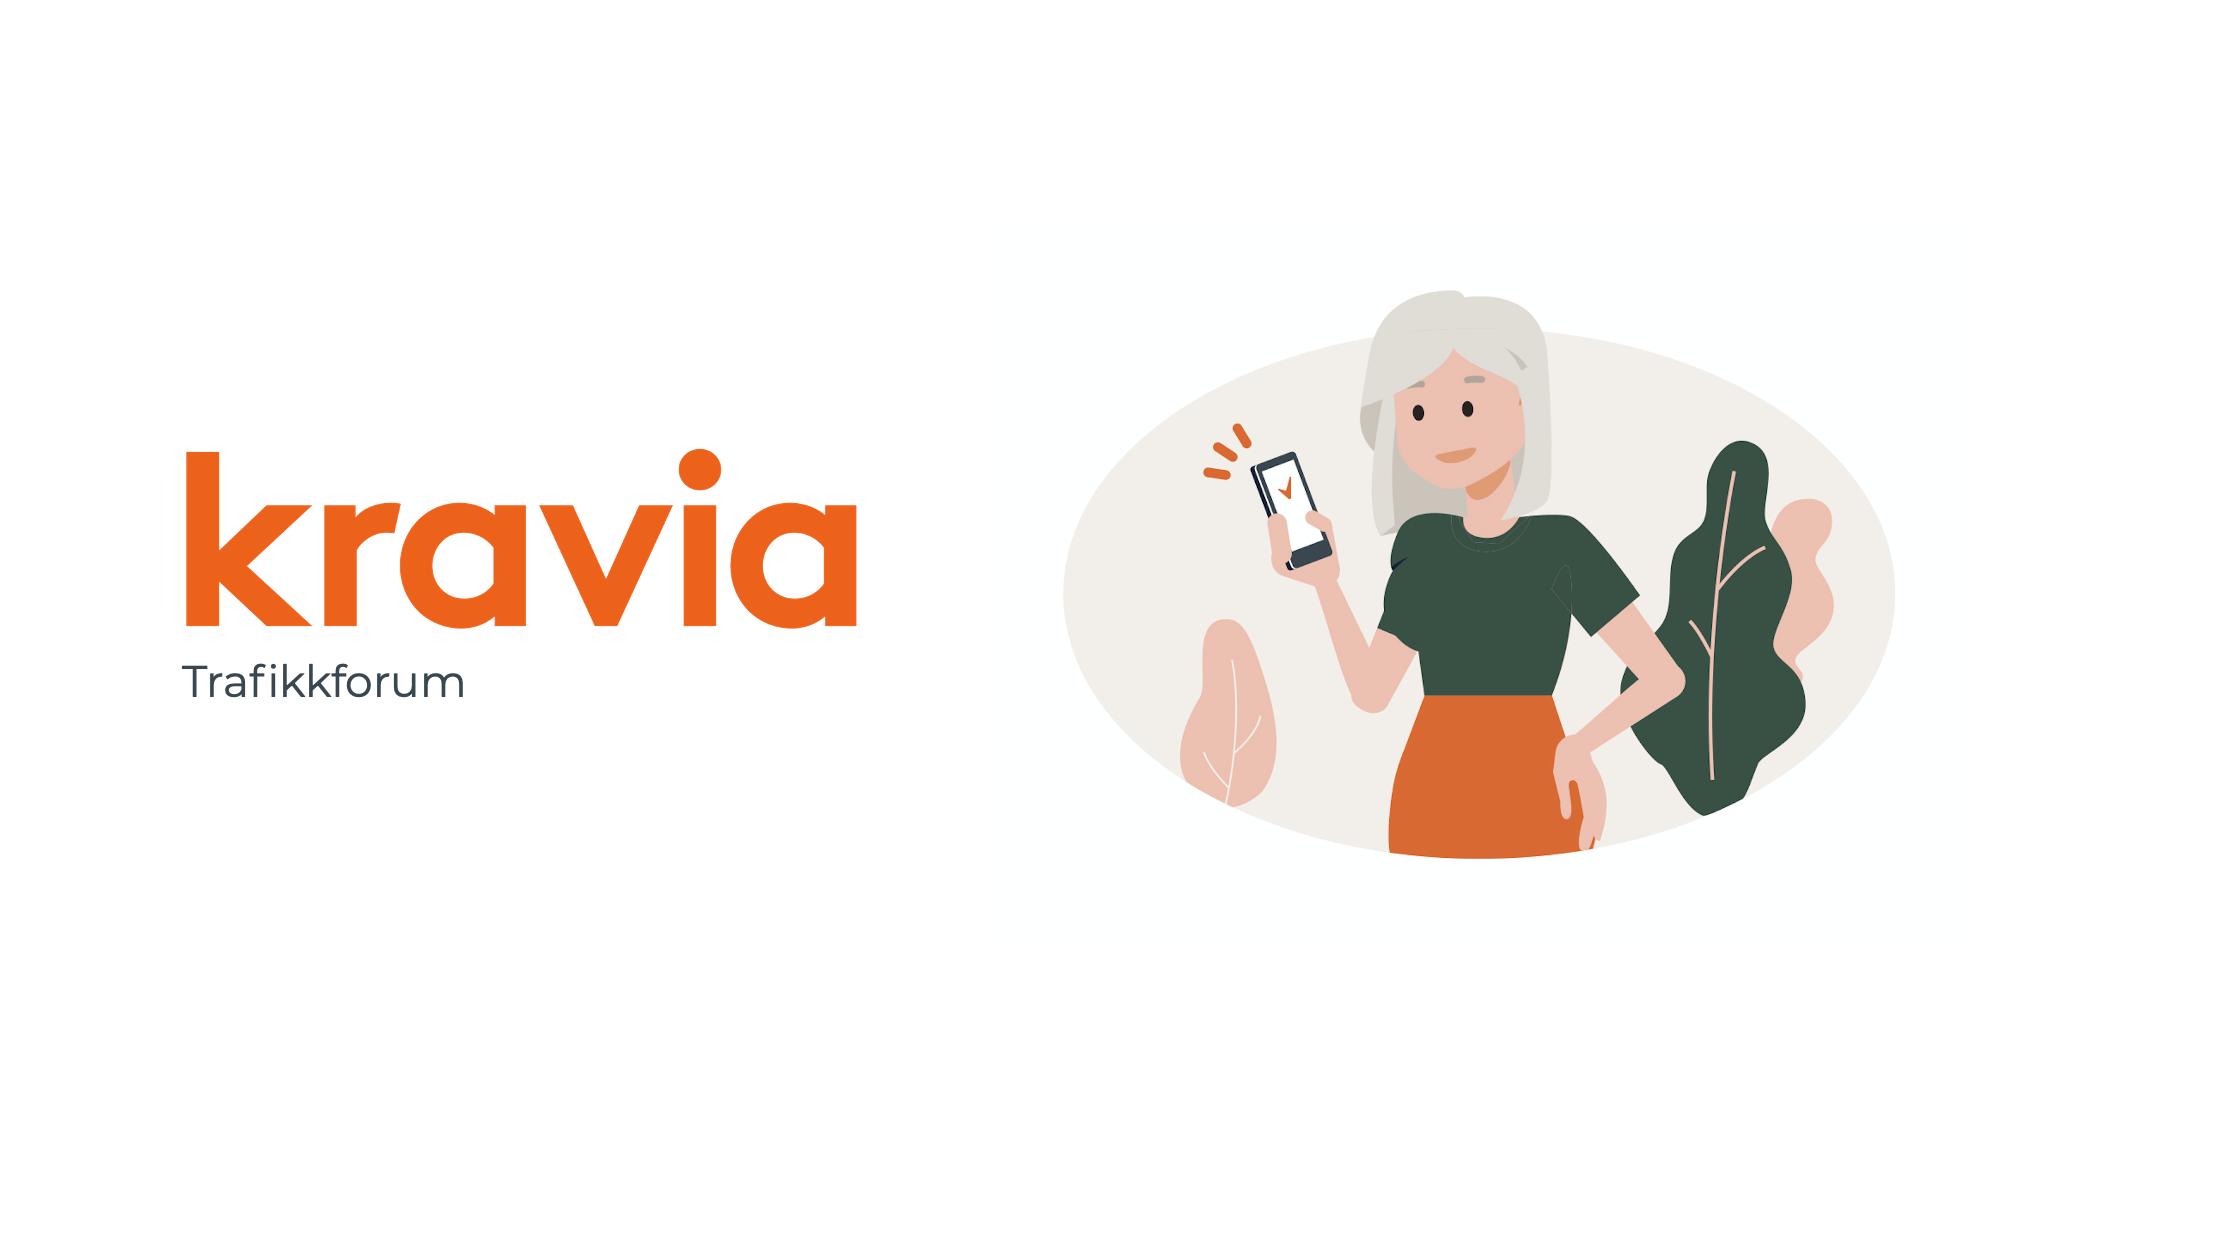 Skjermdump fra presentasjon Kravia og Trafikkforum